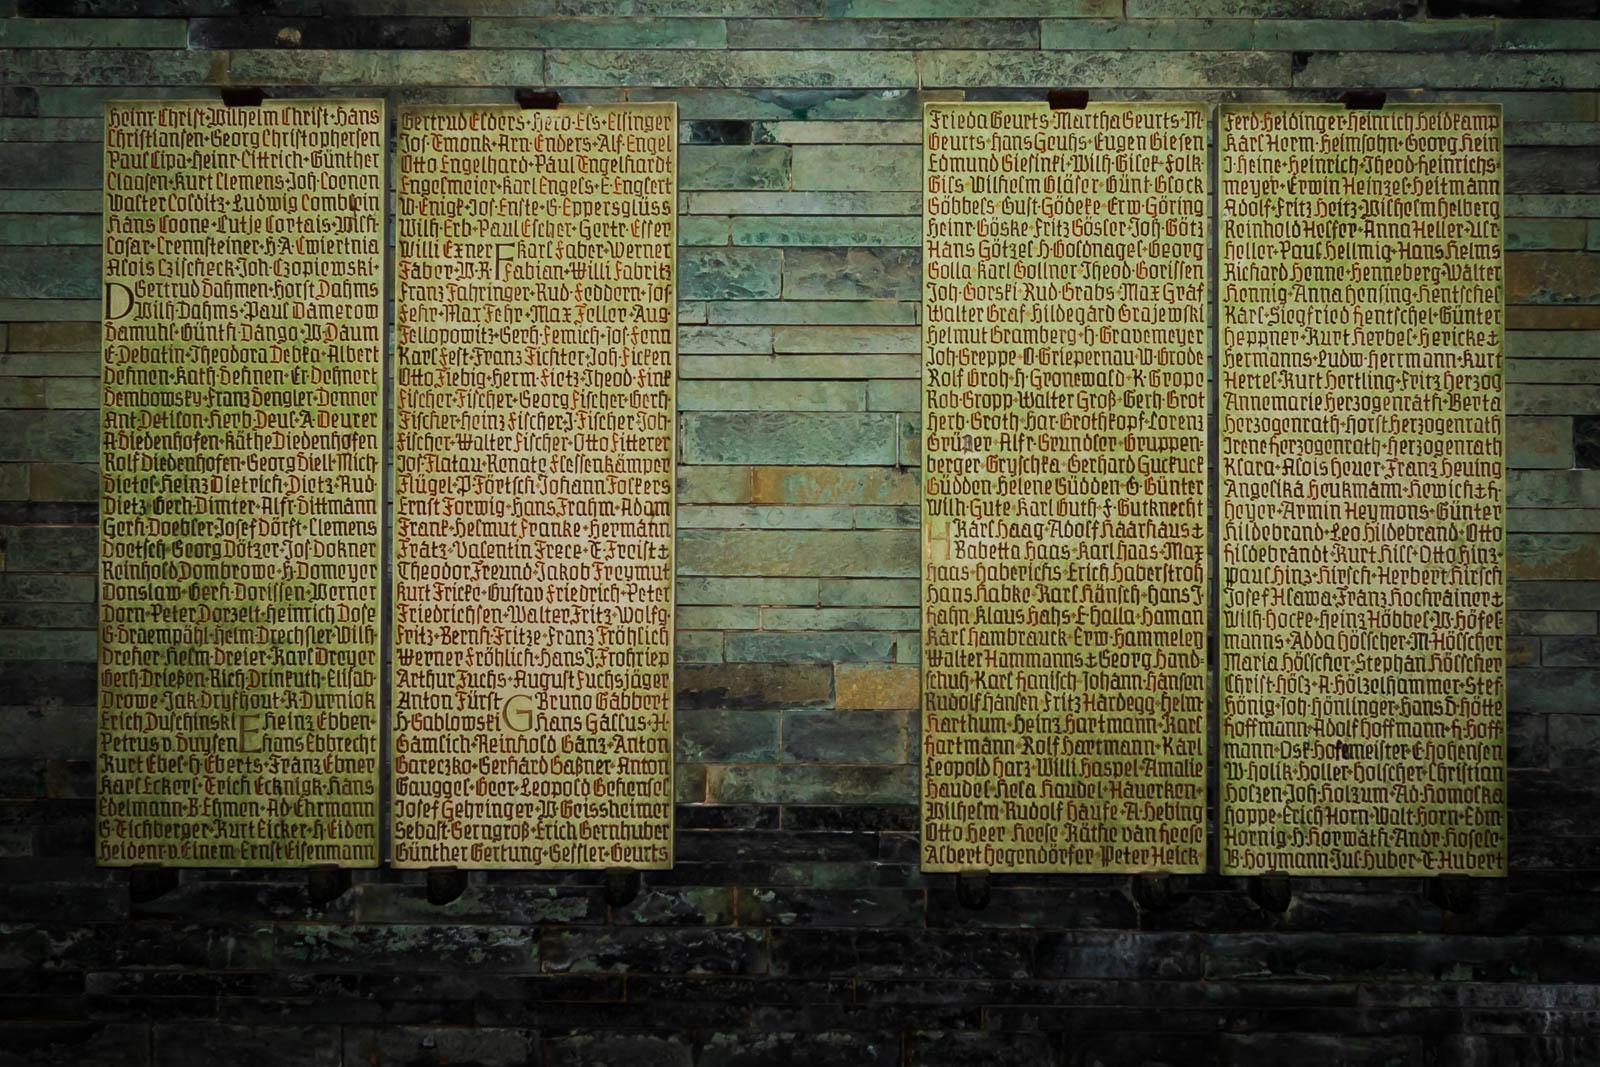 Namen overledenen